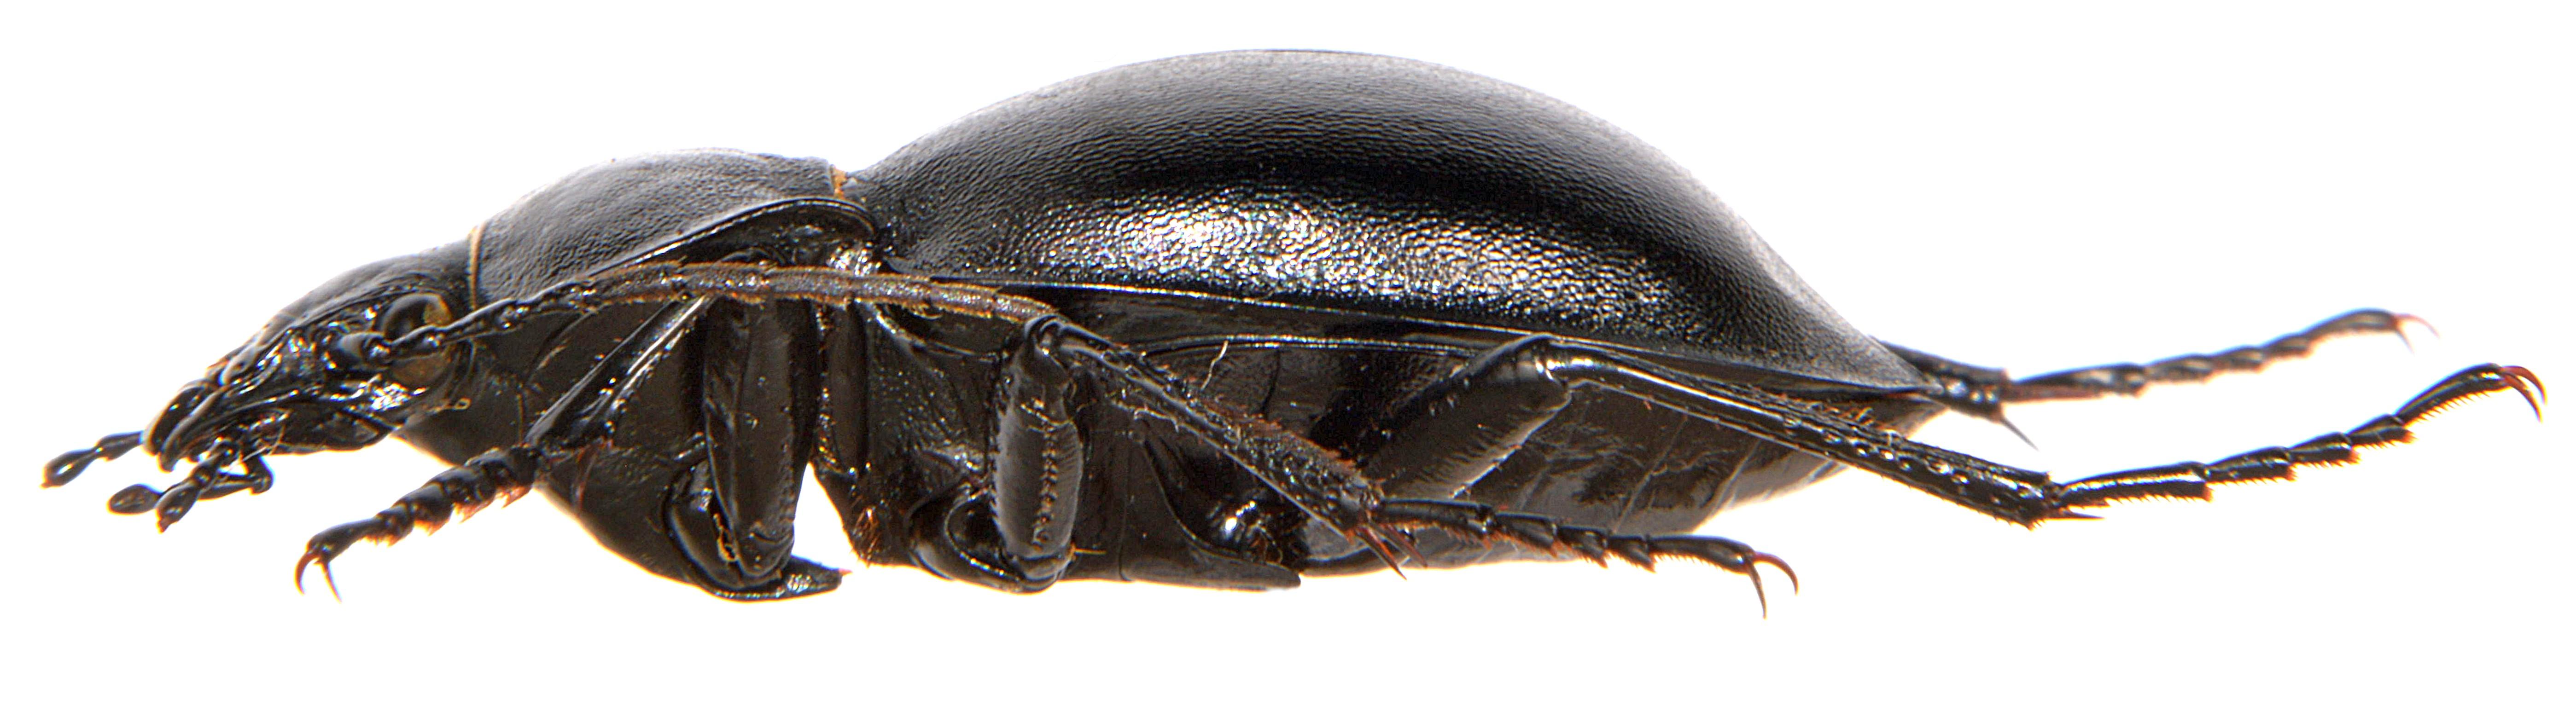 Carabus glabratus 3